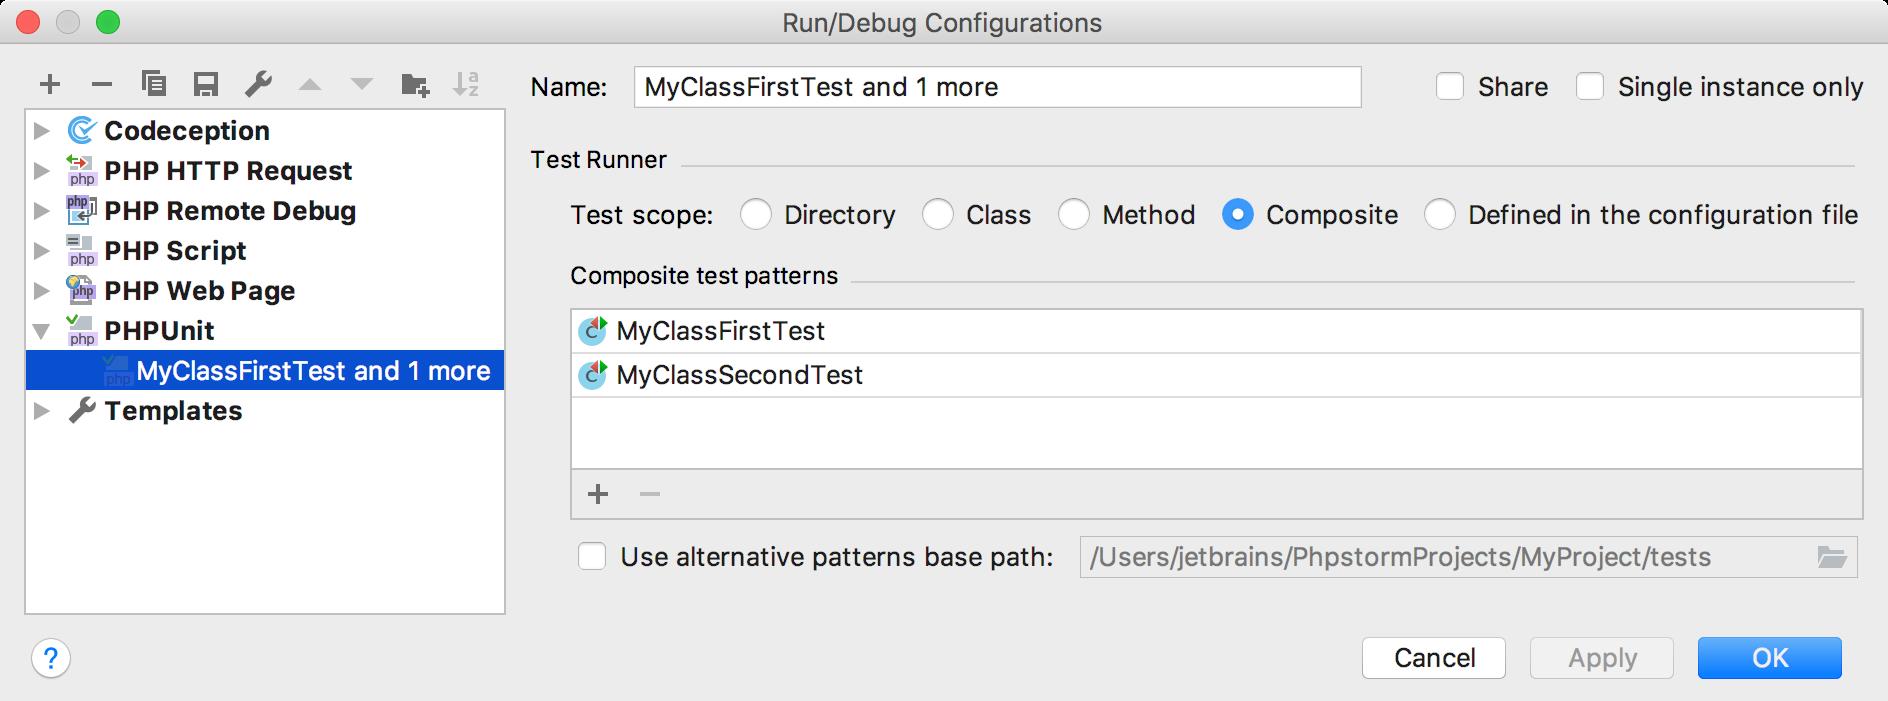 composite_run_debug_config_screen